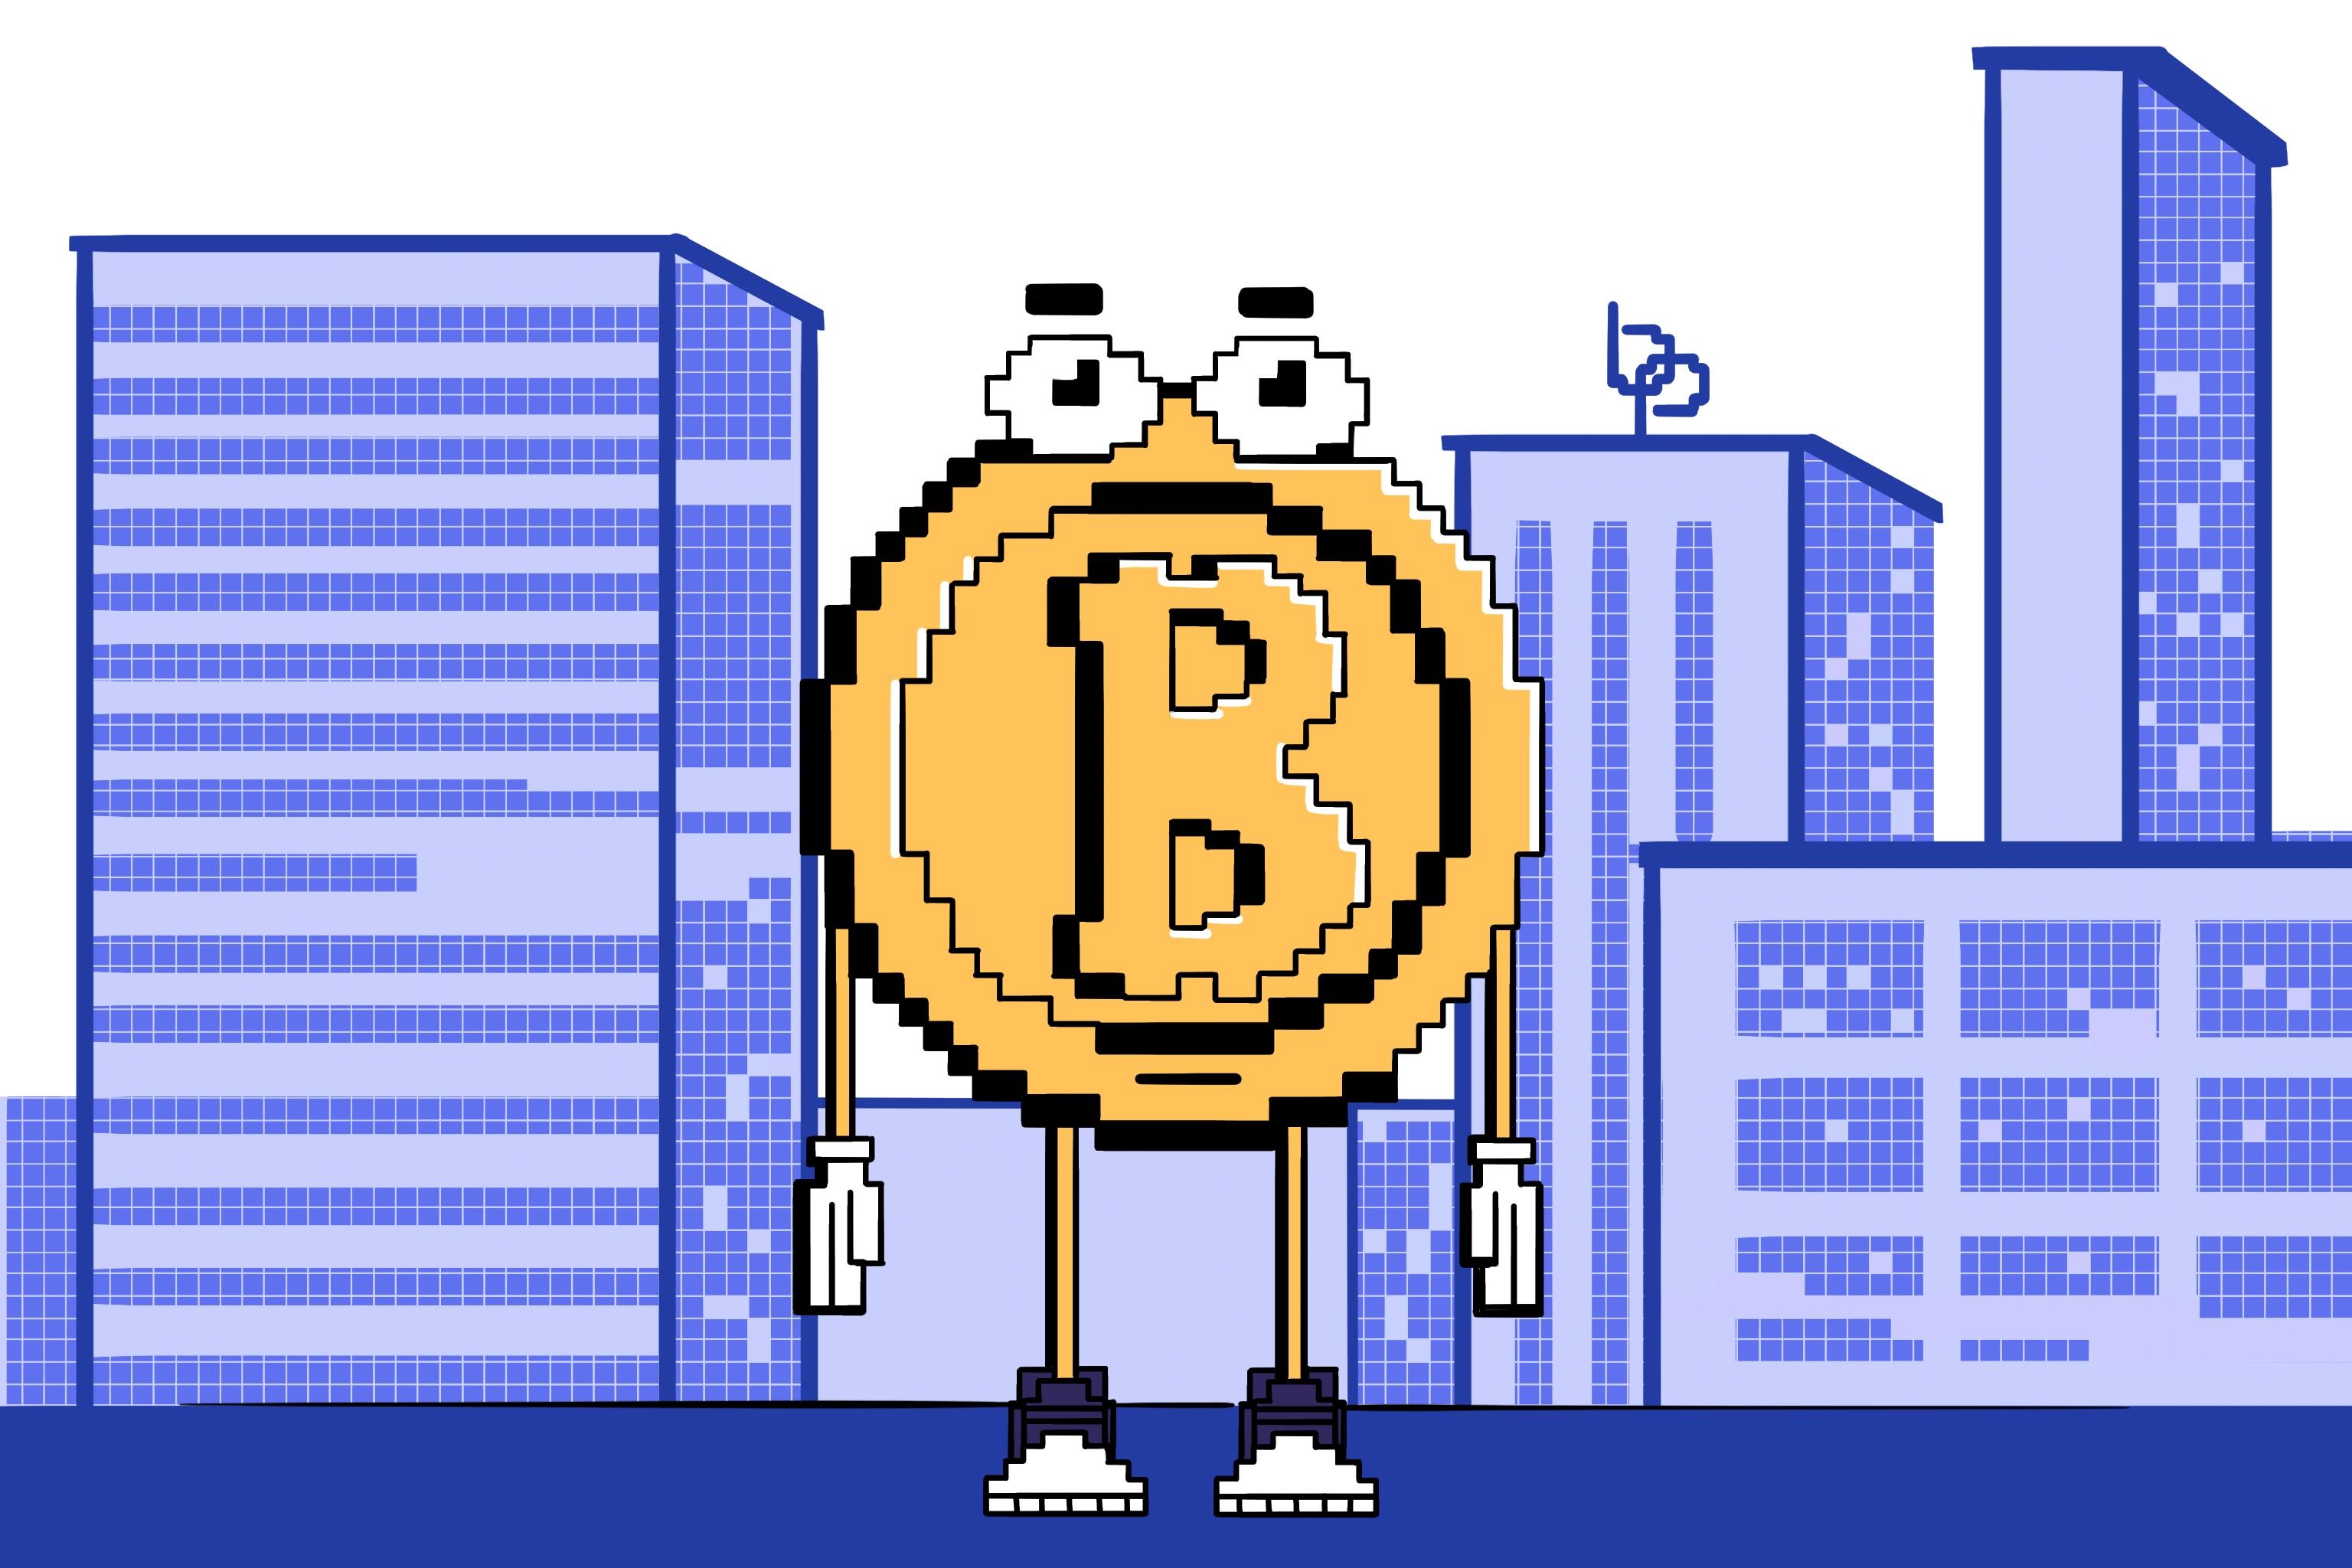 Новый игровой сервер Minecraft предлагает игрокам сразиться друг с другом в поисках спрятанного сокровища и выиграть призовой фонд в Bitcoin